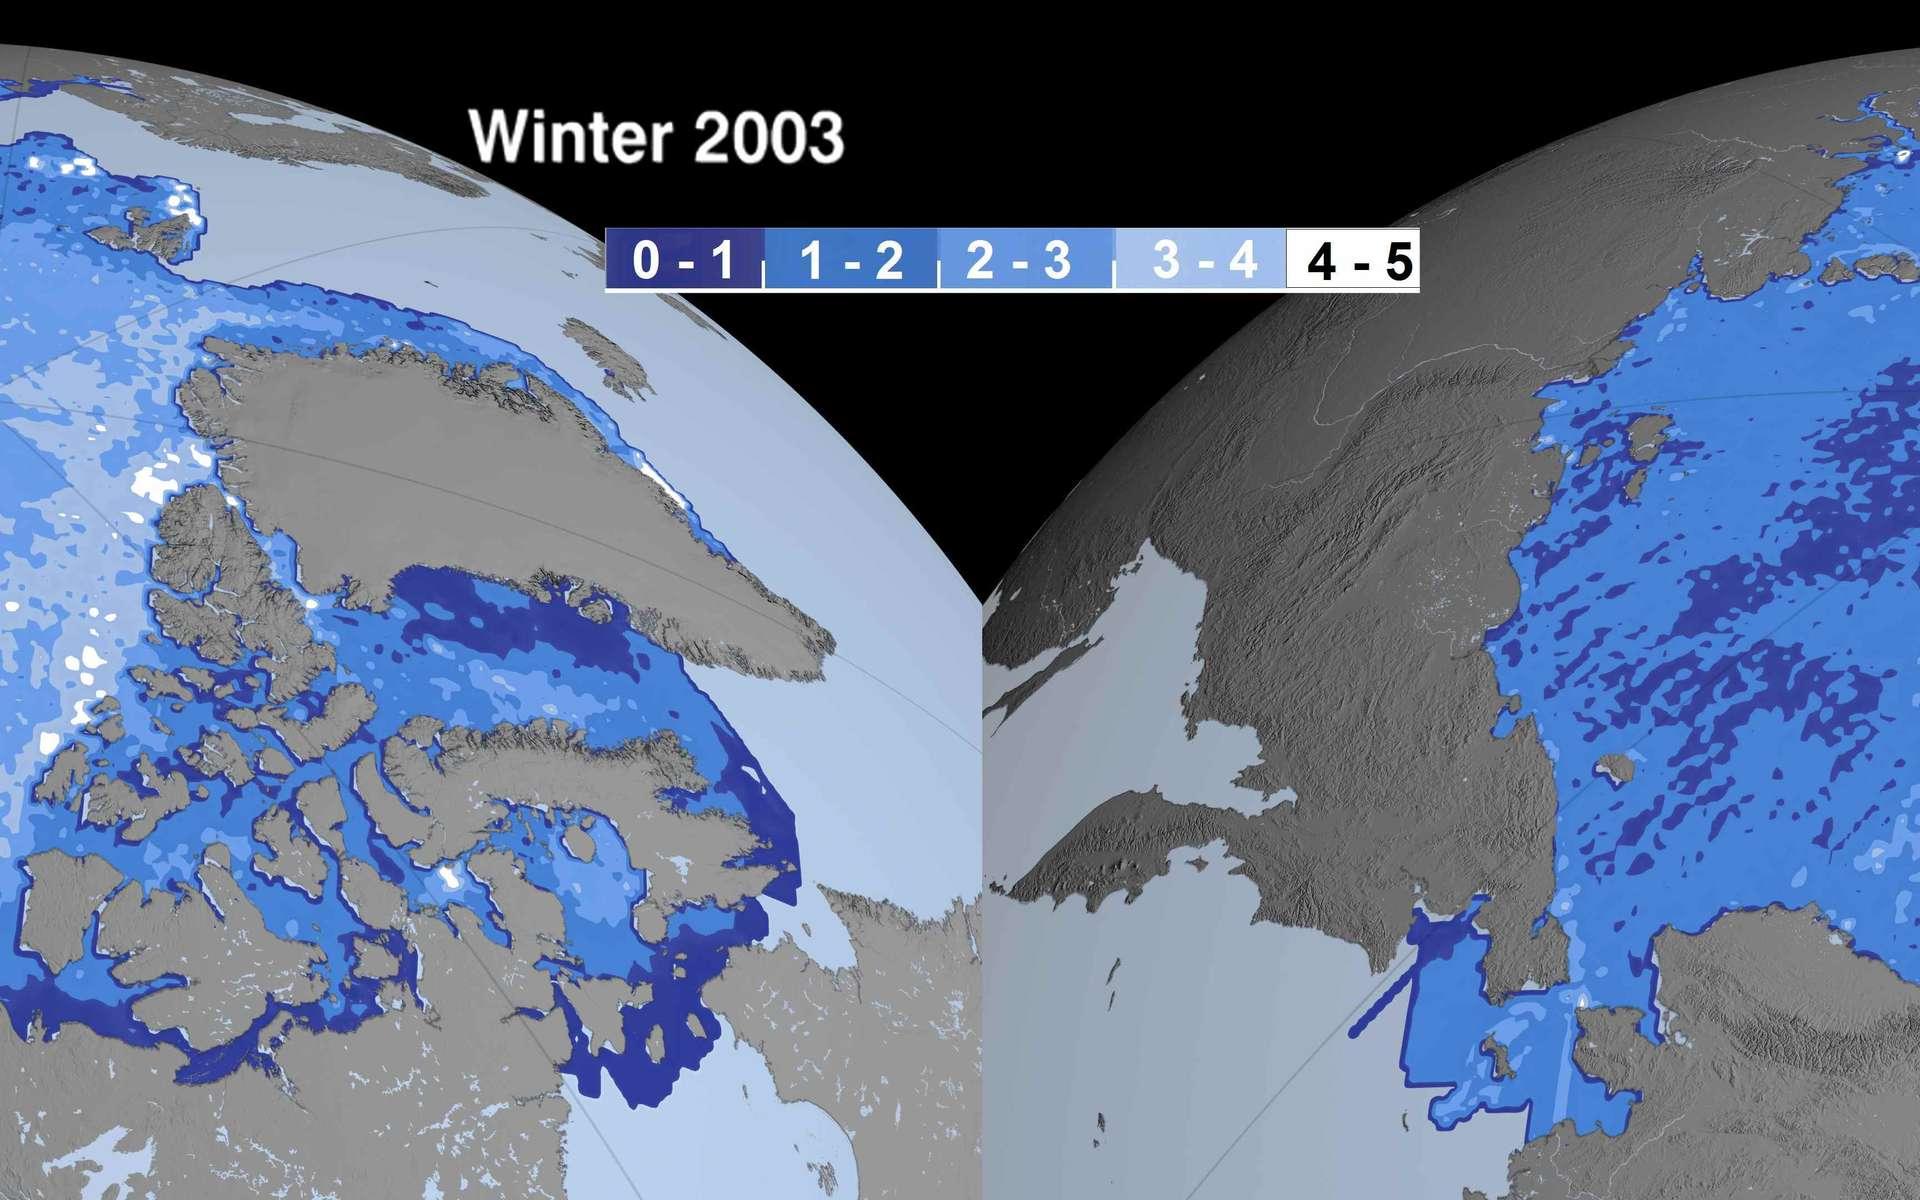 Comparaison des épaisseurs de la banquise en hiver, en 2003 et en 2008. La couleur indique l'épaisseur, de bleu foncé pour 0 à 1 mètre jusqu'à blanc, pour plus de 4 mètres. On voit clairement apparaître en 2008 des zones de moins d'un mètre au centre de la banquise arctique. © Nasa/JPL (montage Futura-Sciences)